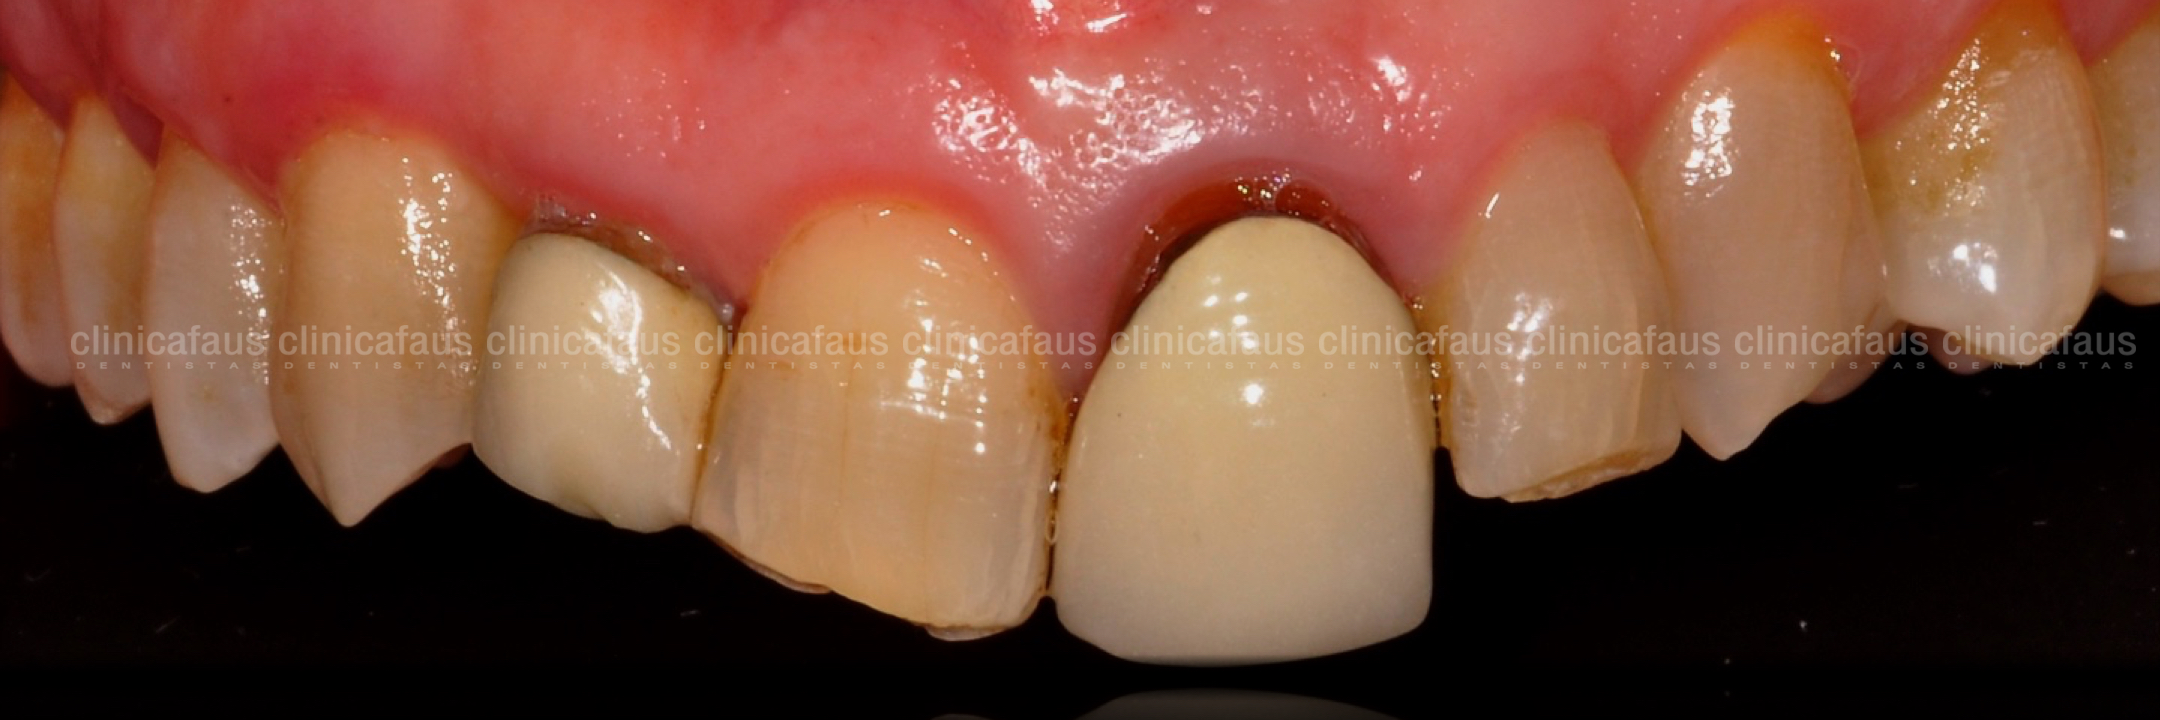 ortodoncia, ccarillas sin tallado y fundas sin metal caso complejo clase III mordida cruzada anterior sin extracciones sin cirugia carillas de ceramica dentista algemesi valencia sueca carcaixent alzira .001